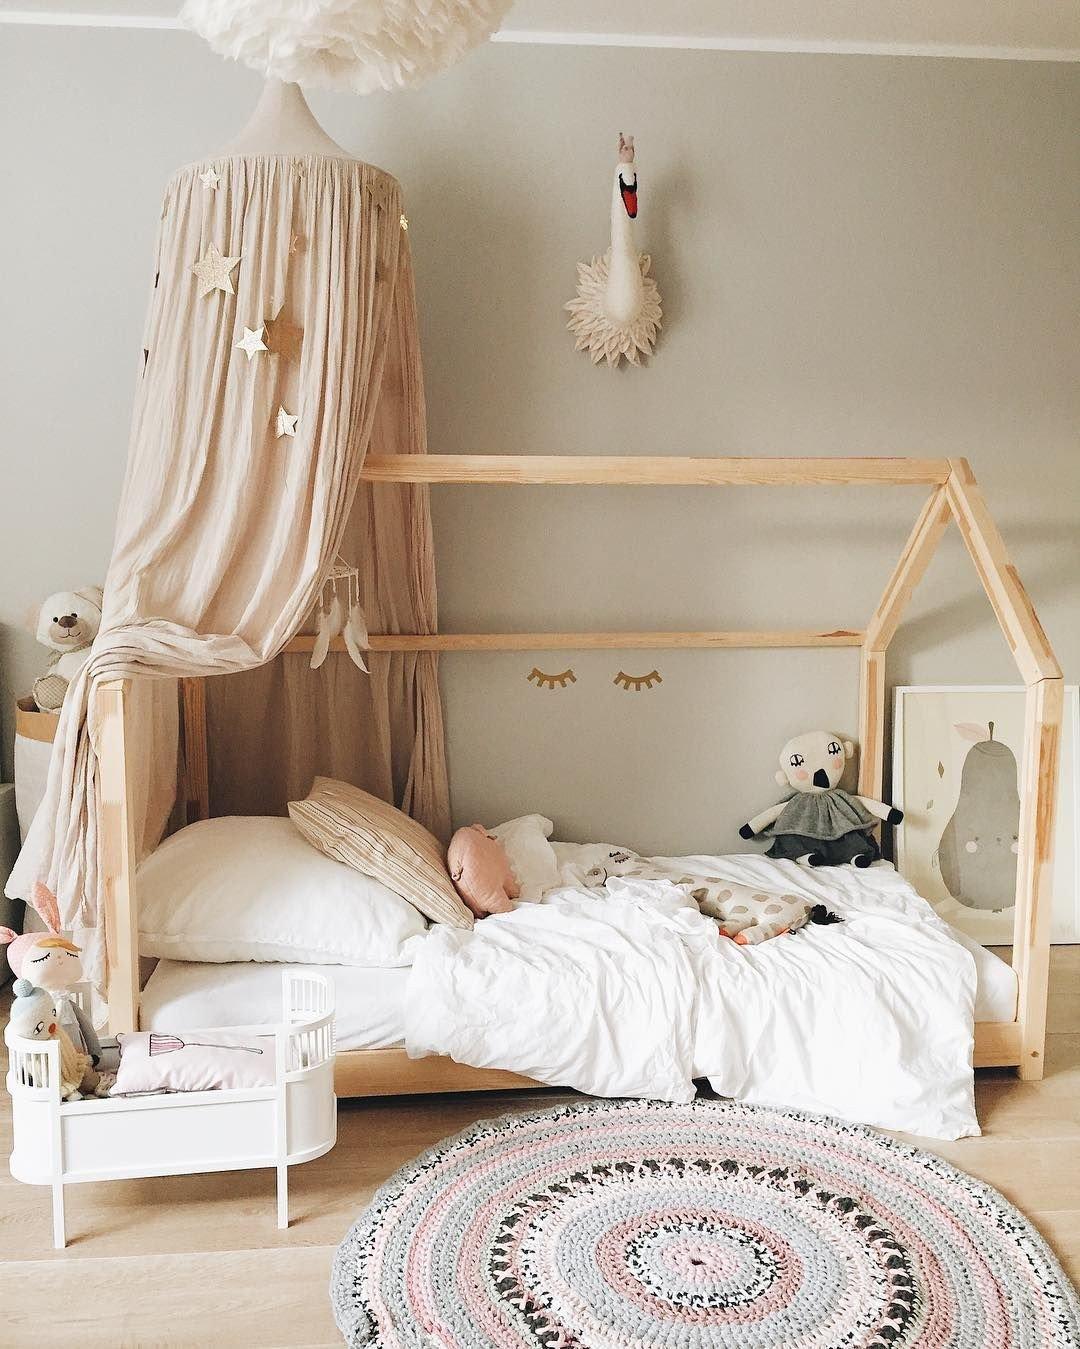 Girl toddler Bedroom Set Awesome Post by 3elfenkinder On Instagram Vibbi